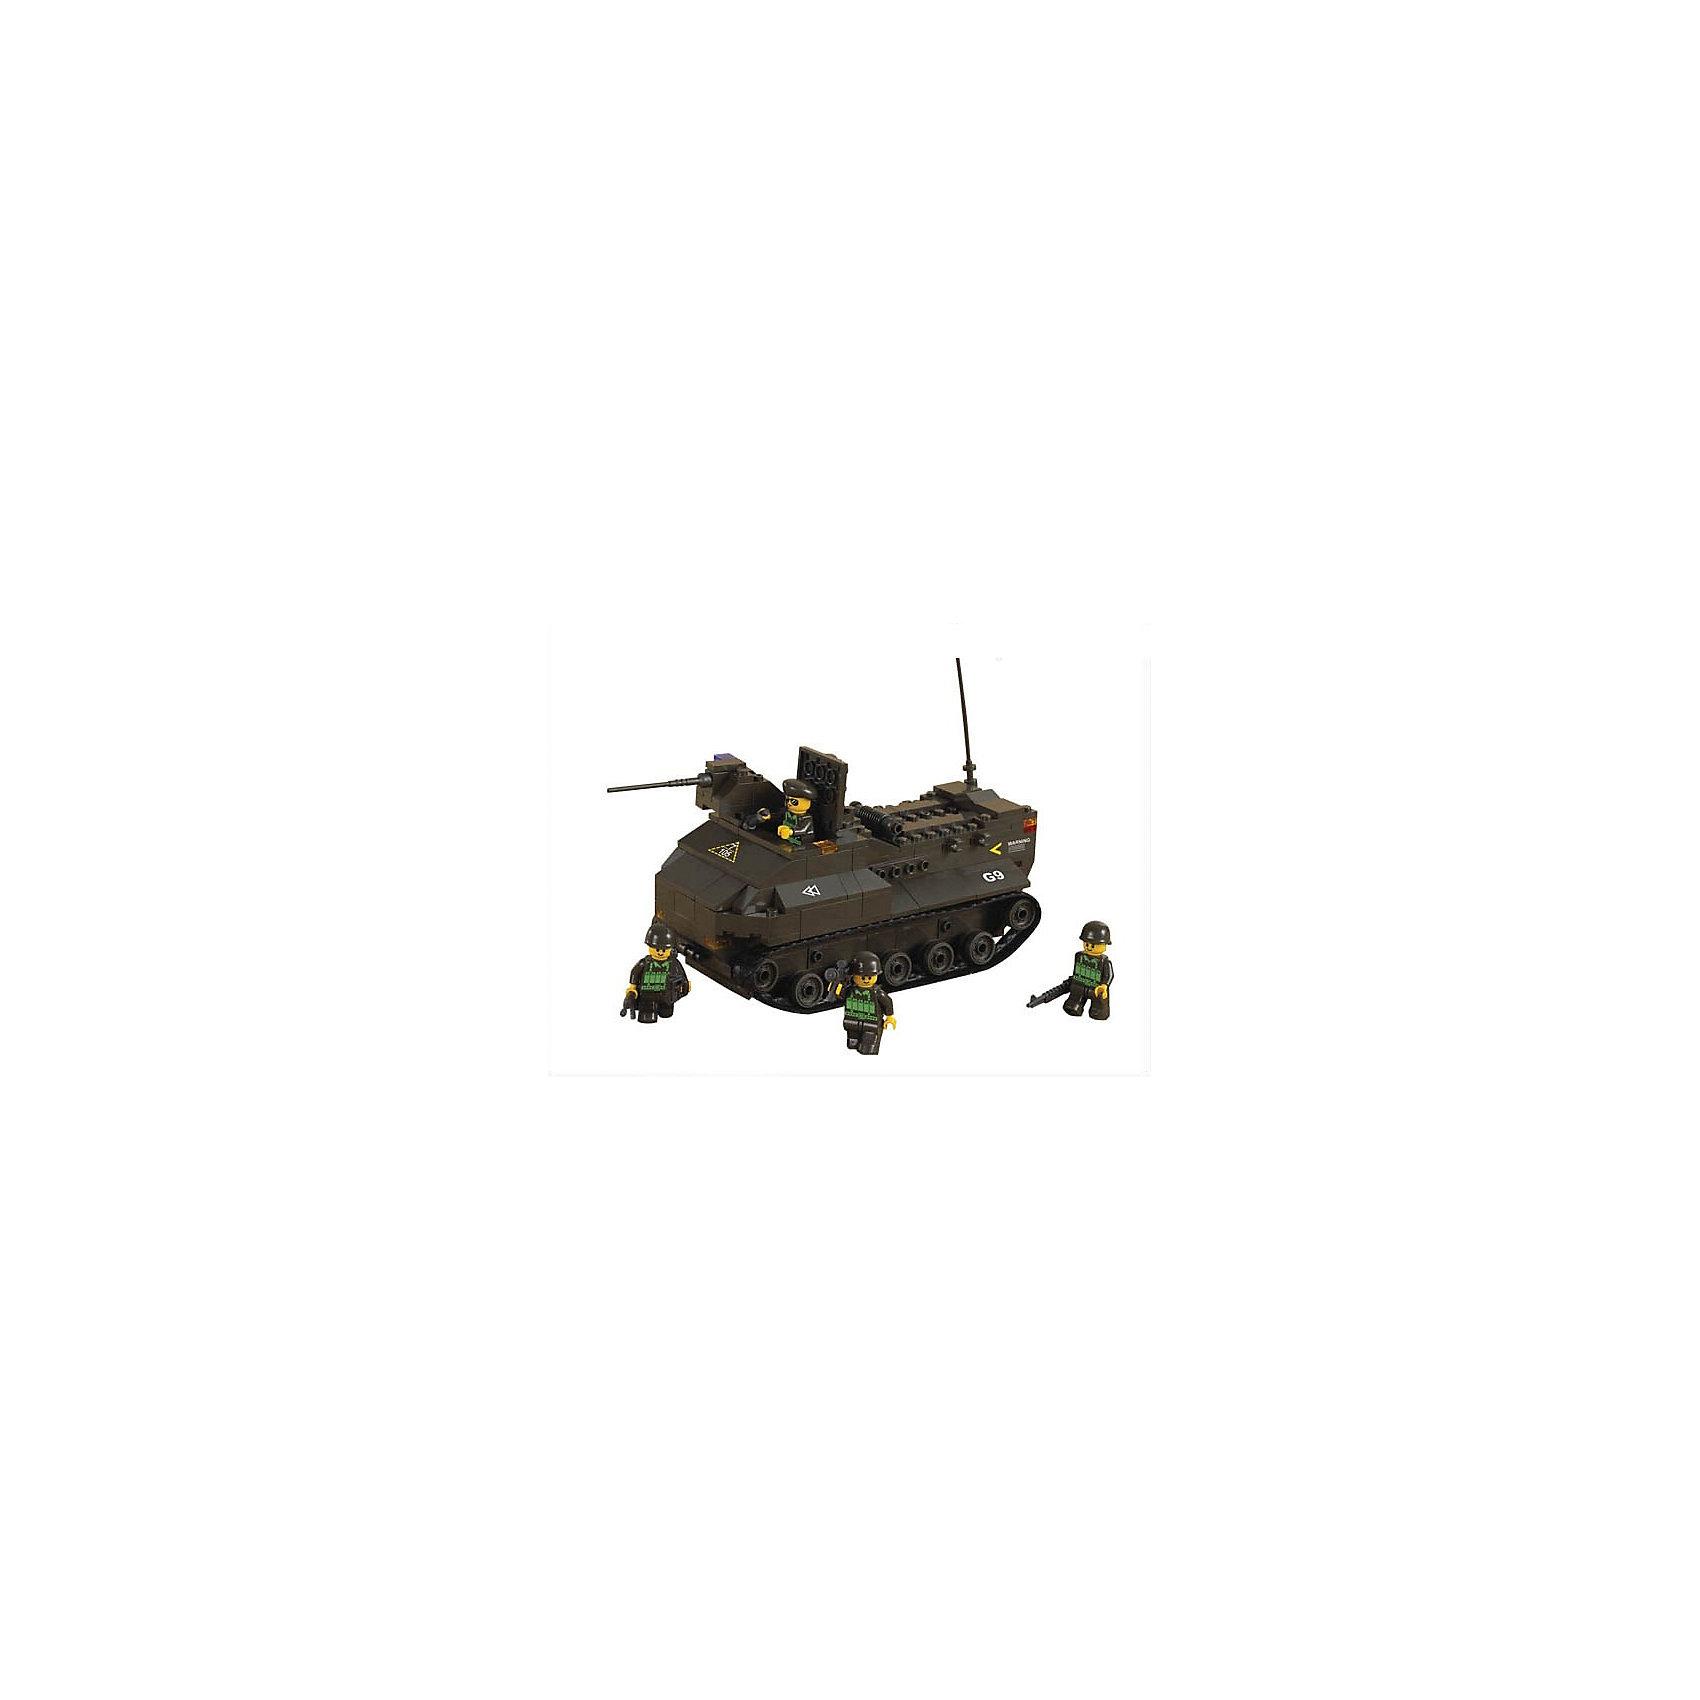 Конструктор Сухопутные войска: Десантный бронетранспортёр, 223 детали, SlubanПластмассовые конструкторы<br>Конструктор Сухопутные войска: Десантный бронетранспортёр, 223 детали, Sluban (Слубан)<br><br>Характеристики:<br><br>• возраст: от 6 лет<br>• бронетранспортер-амфибия<br>• мини-фигурки в комплекте<br>• количество деталей: 223<br>• материал: пластик<br>• размер упаковки: 5,5х22,5х31 см<br>• вес: 590 грамм<br><br>Из конструктора Sluban ребенок сможет собрать десантный бронетранспортер-амфибию. Он легко передвигается по земле и по воде. В комплект входят четыре фигурки военных, спешащих прибыть к пункту назначения. Ребенок сможет придумать интересные сюжеты для игры в военных.<br><br>Конструктор Сухопутные войска: Десантный бронетранспортёр, 223 детали, Sluban (Слубан) можно купить в нашем интернет-магазине.<br><br>Ширина мм: 310<br>Глубина мм: 225<br>Высота мм: 55<br>Вес г: 590<br>Возраст от месяцев: 72<br>Возраст до месяцев: 2147483647<br>Пол: Унисекс<br>Возраст: Детский<br>SKU: 5453701